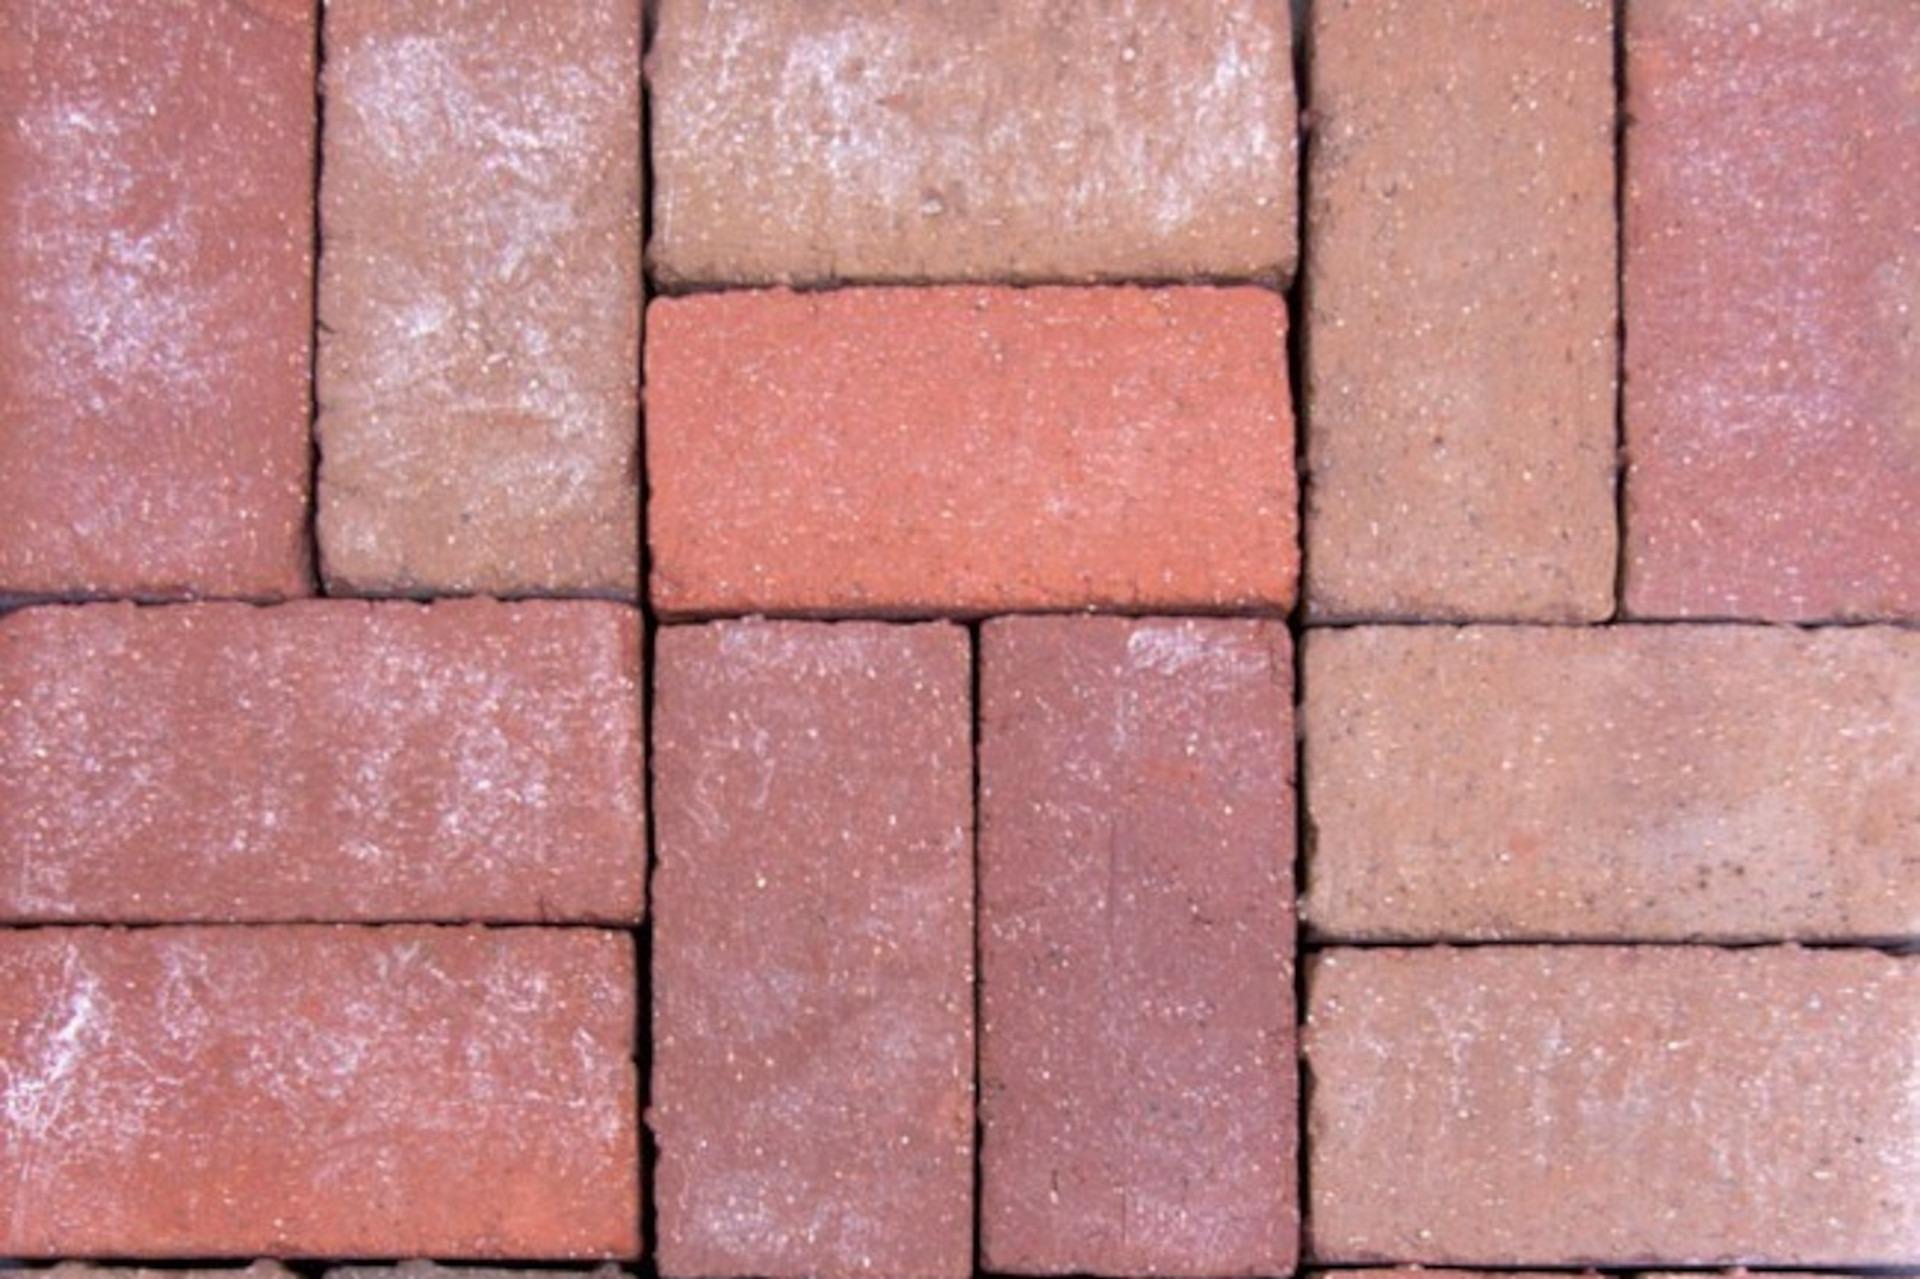 Coronado Brick Pavers